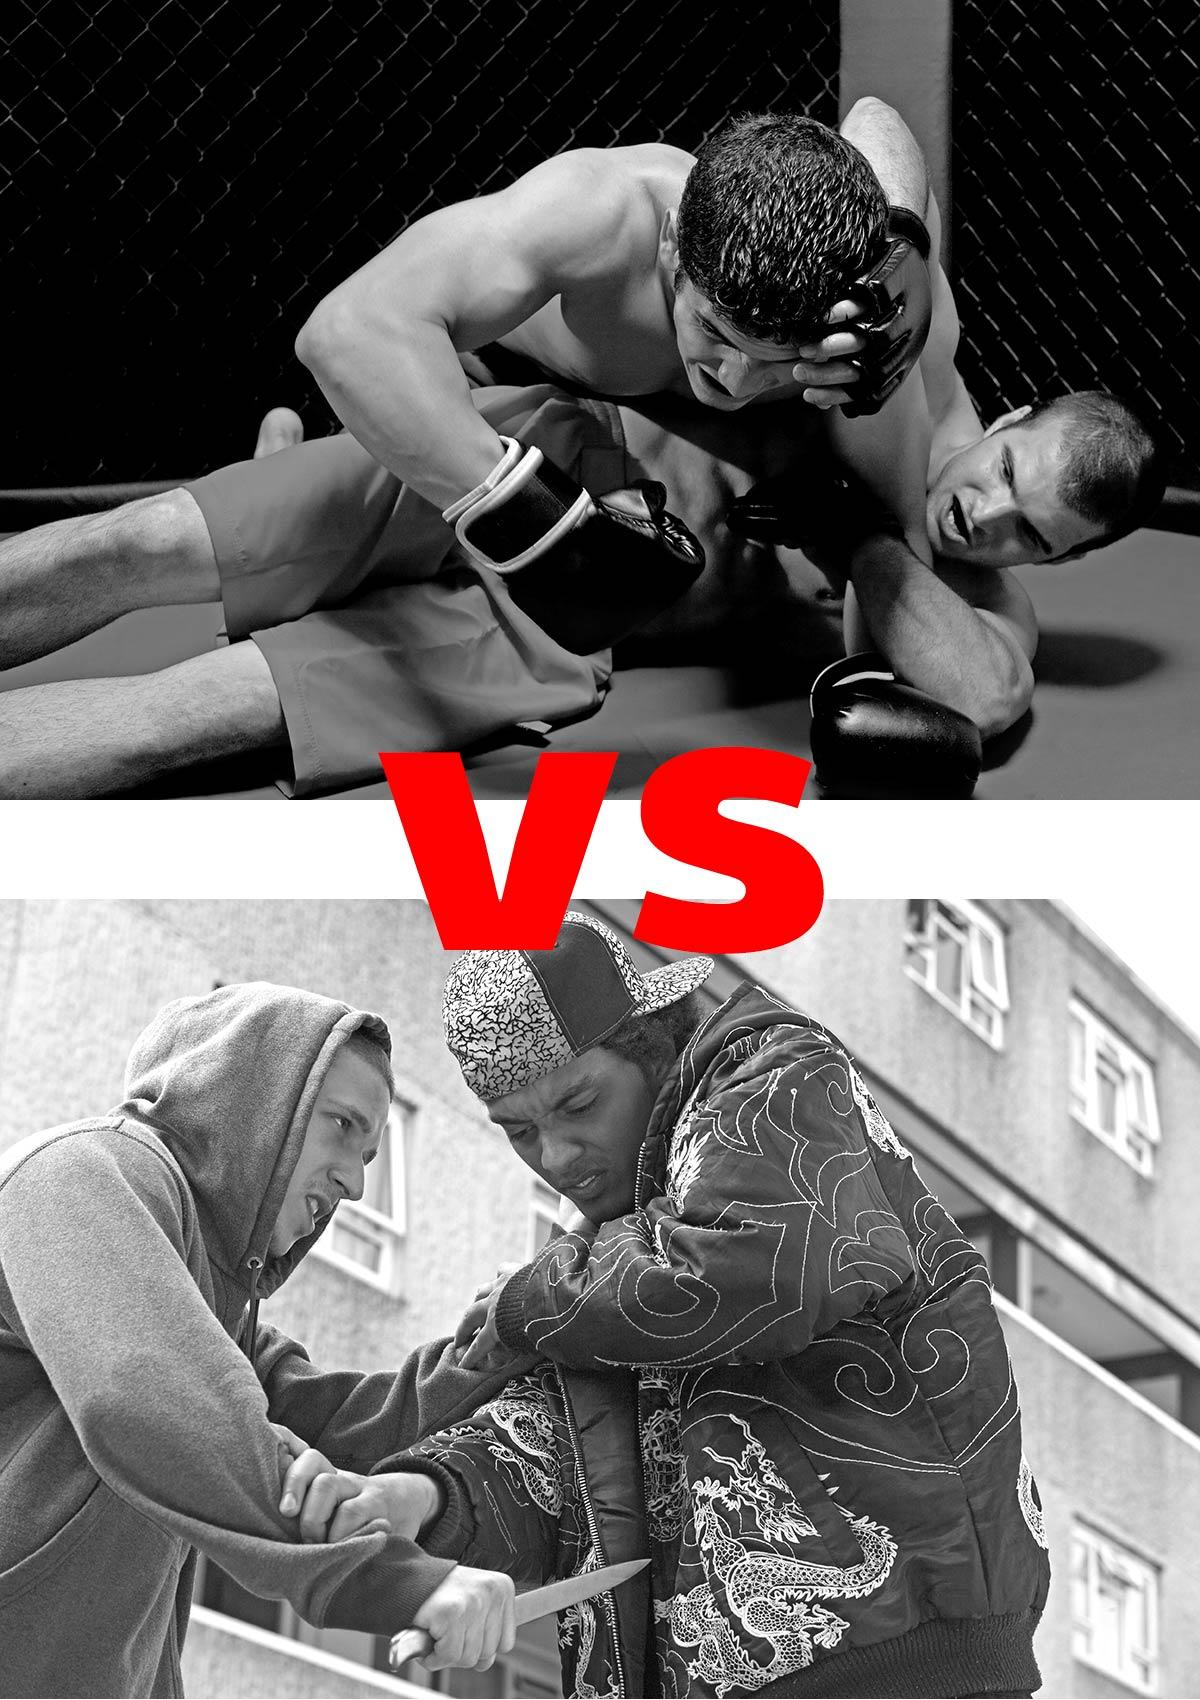 Πολεμικές τέχνες vs Combatives